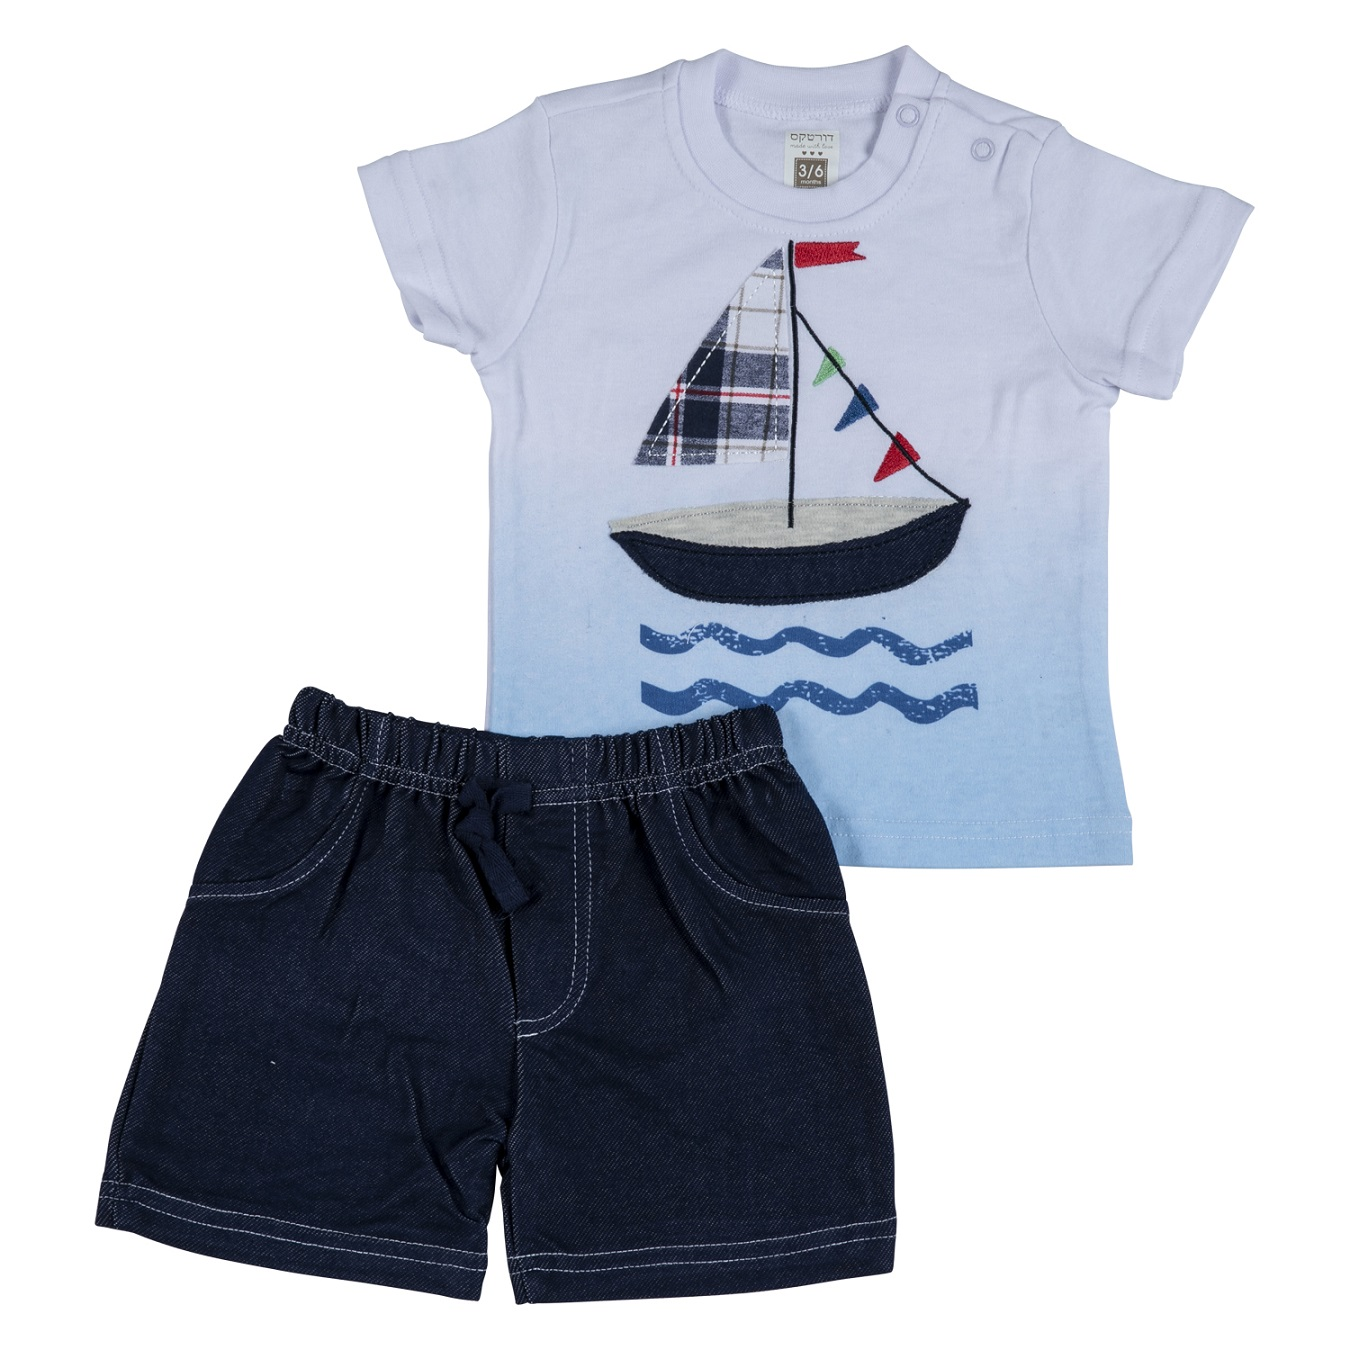 חליפה קצרה הדפס סירת מפרש